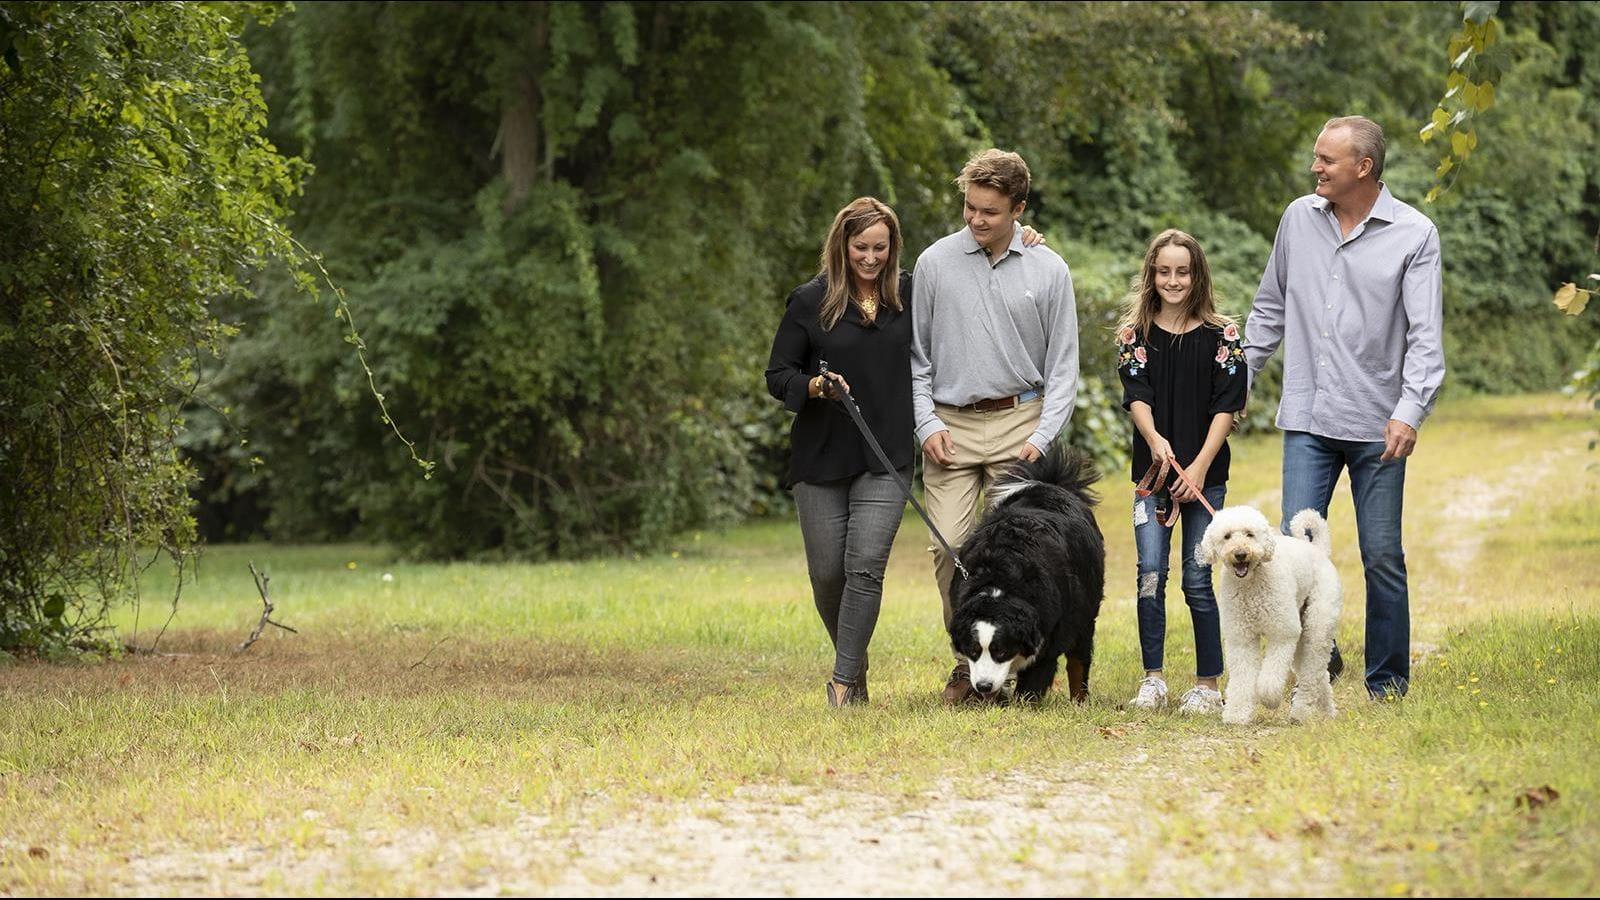 Logan og hans familie går deres hunde